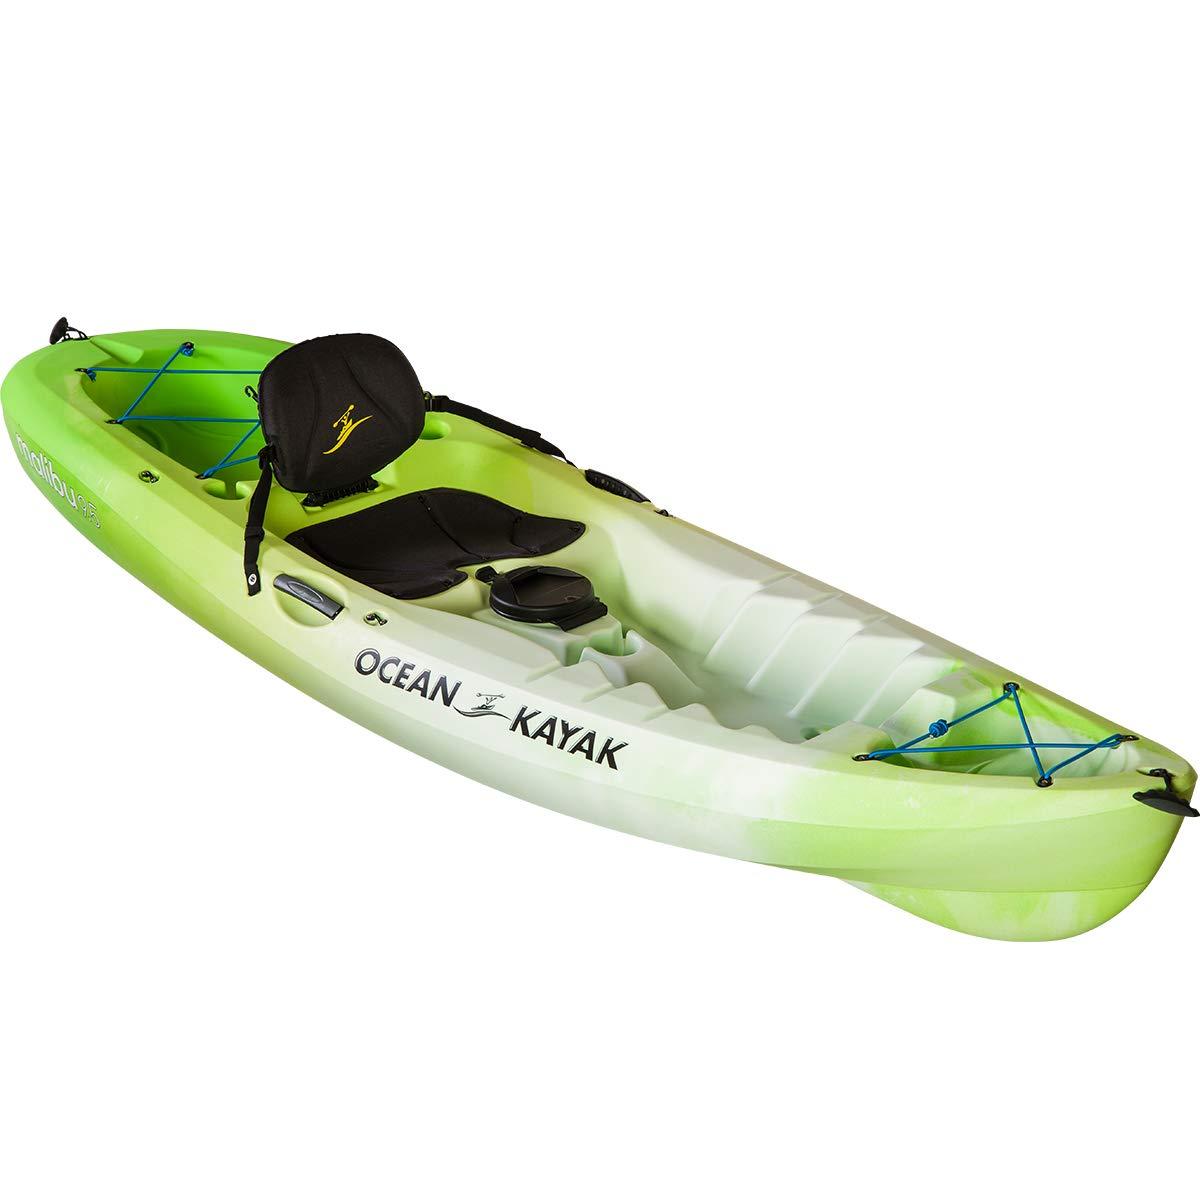 Ocean Kayak Malibu 9.5 Kayak (Envy, 9 Feet 5 Inches) by Ocean Kayak